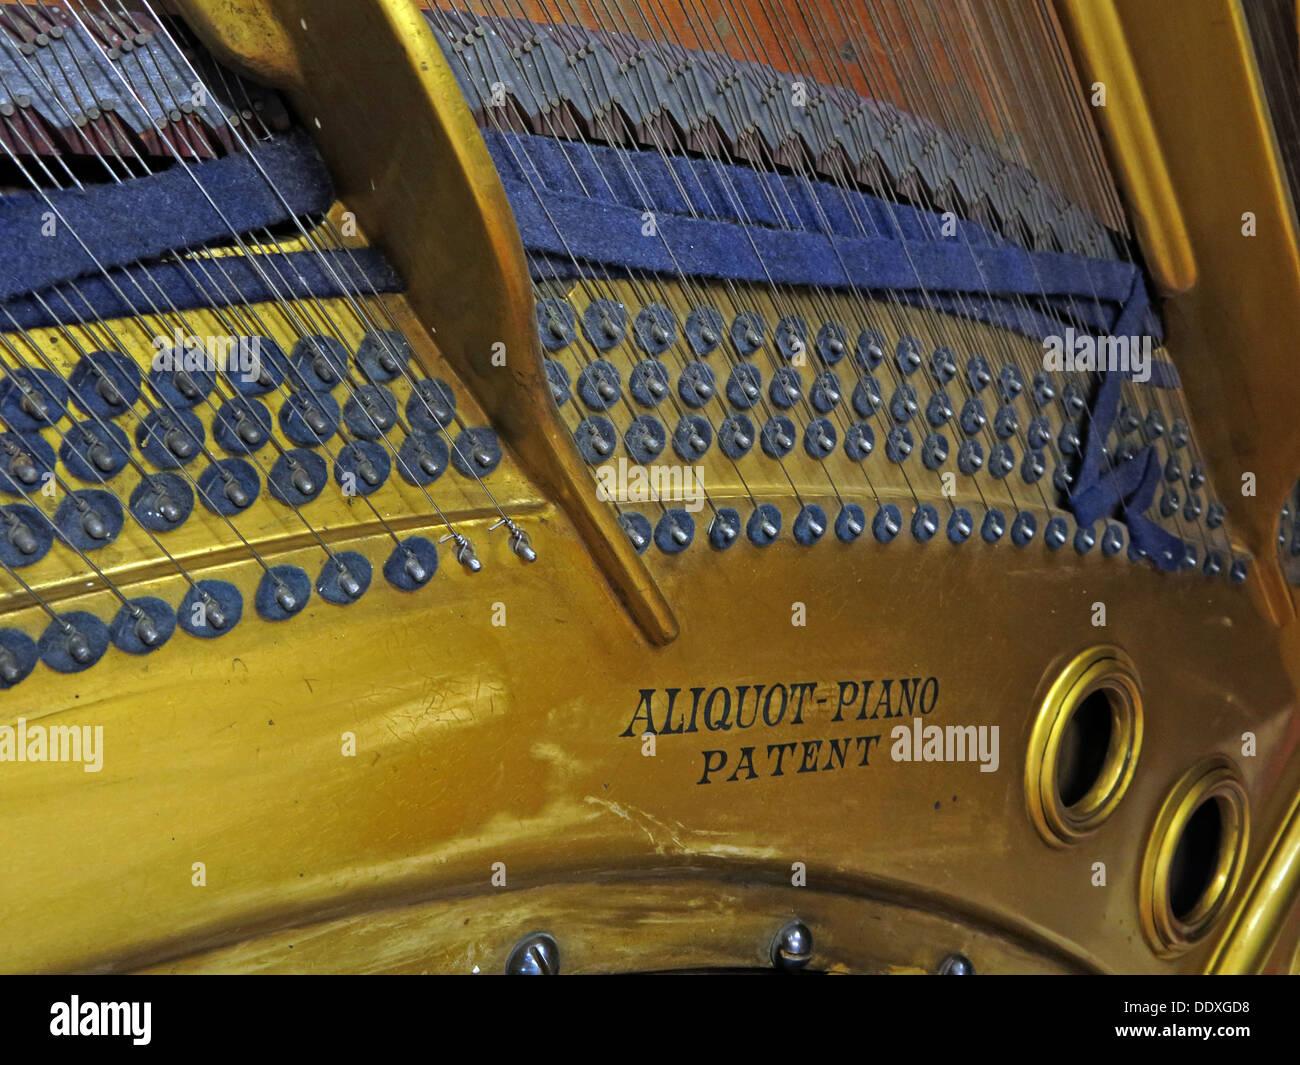 Laden Sie dieses Alamy Stockfoto Bluthner Piano detail37400, Schlüssel, Mechanismus, Leipzig, Deutschland - DDXGD8